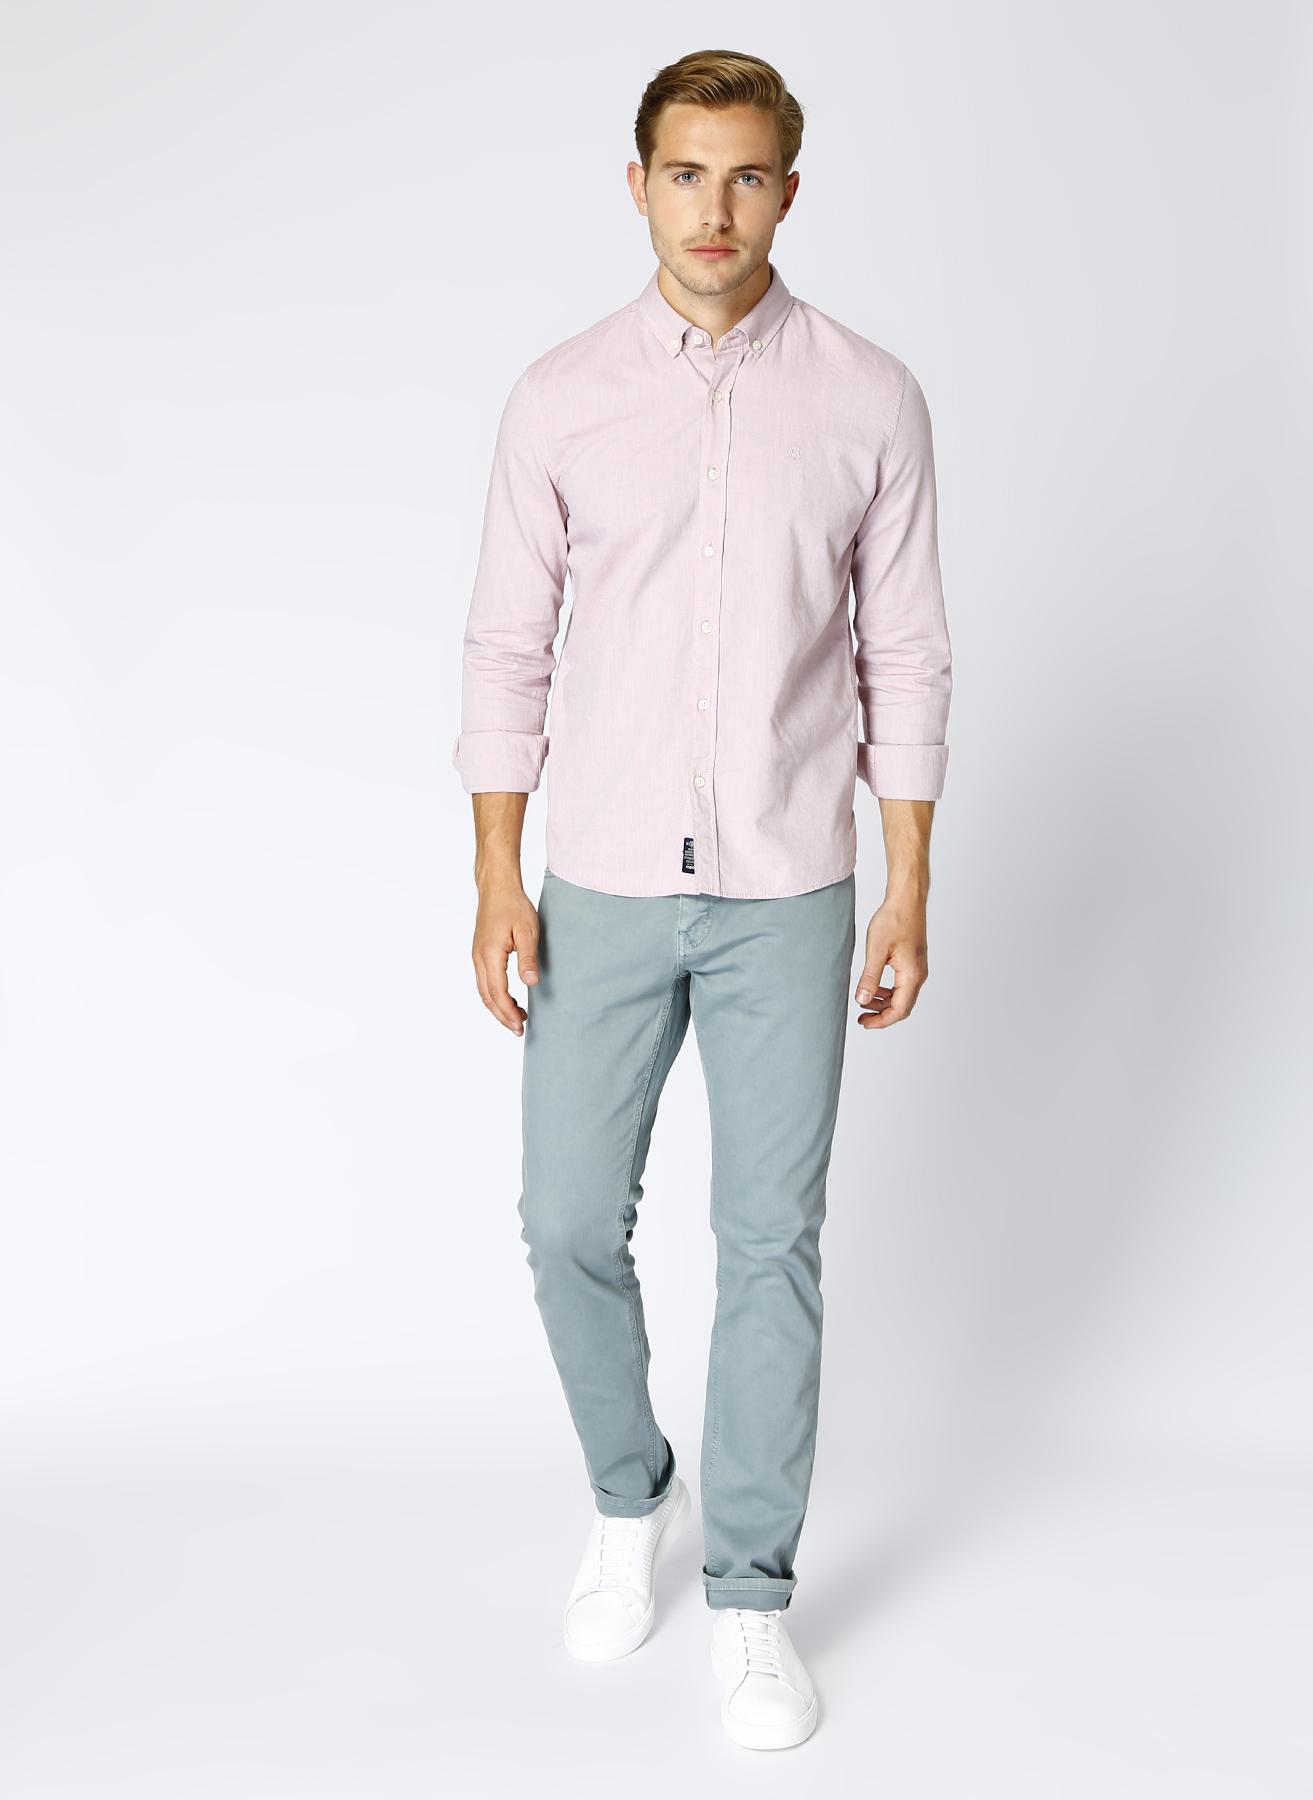 Mavi Slim Fit Yeşil Klasik Pantolon 31-34 5001822966024 Ürün Resmi